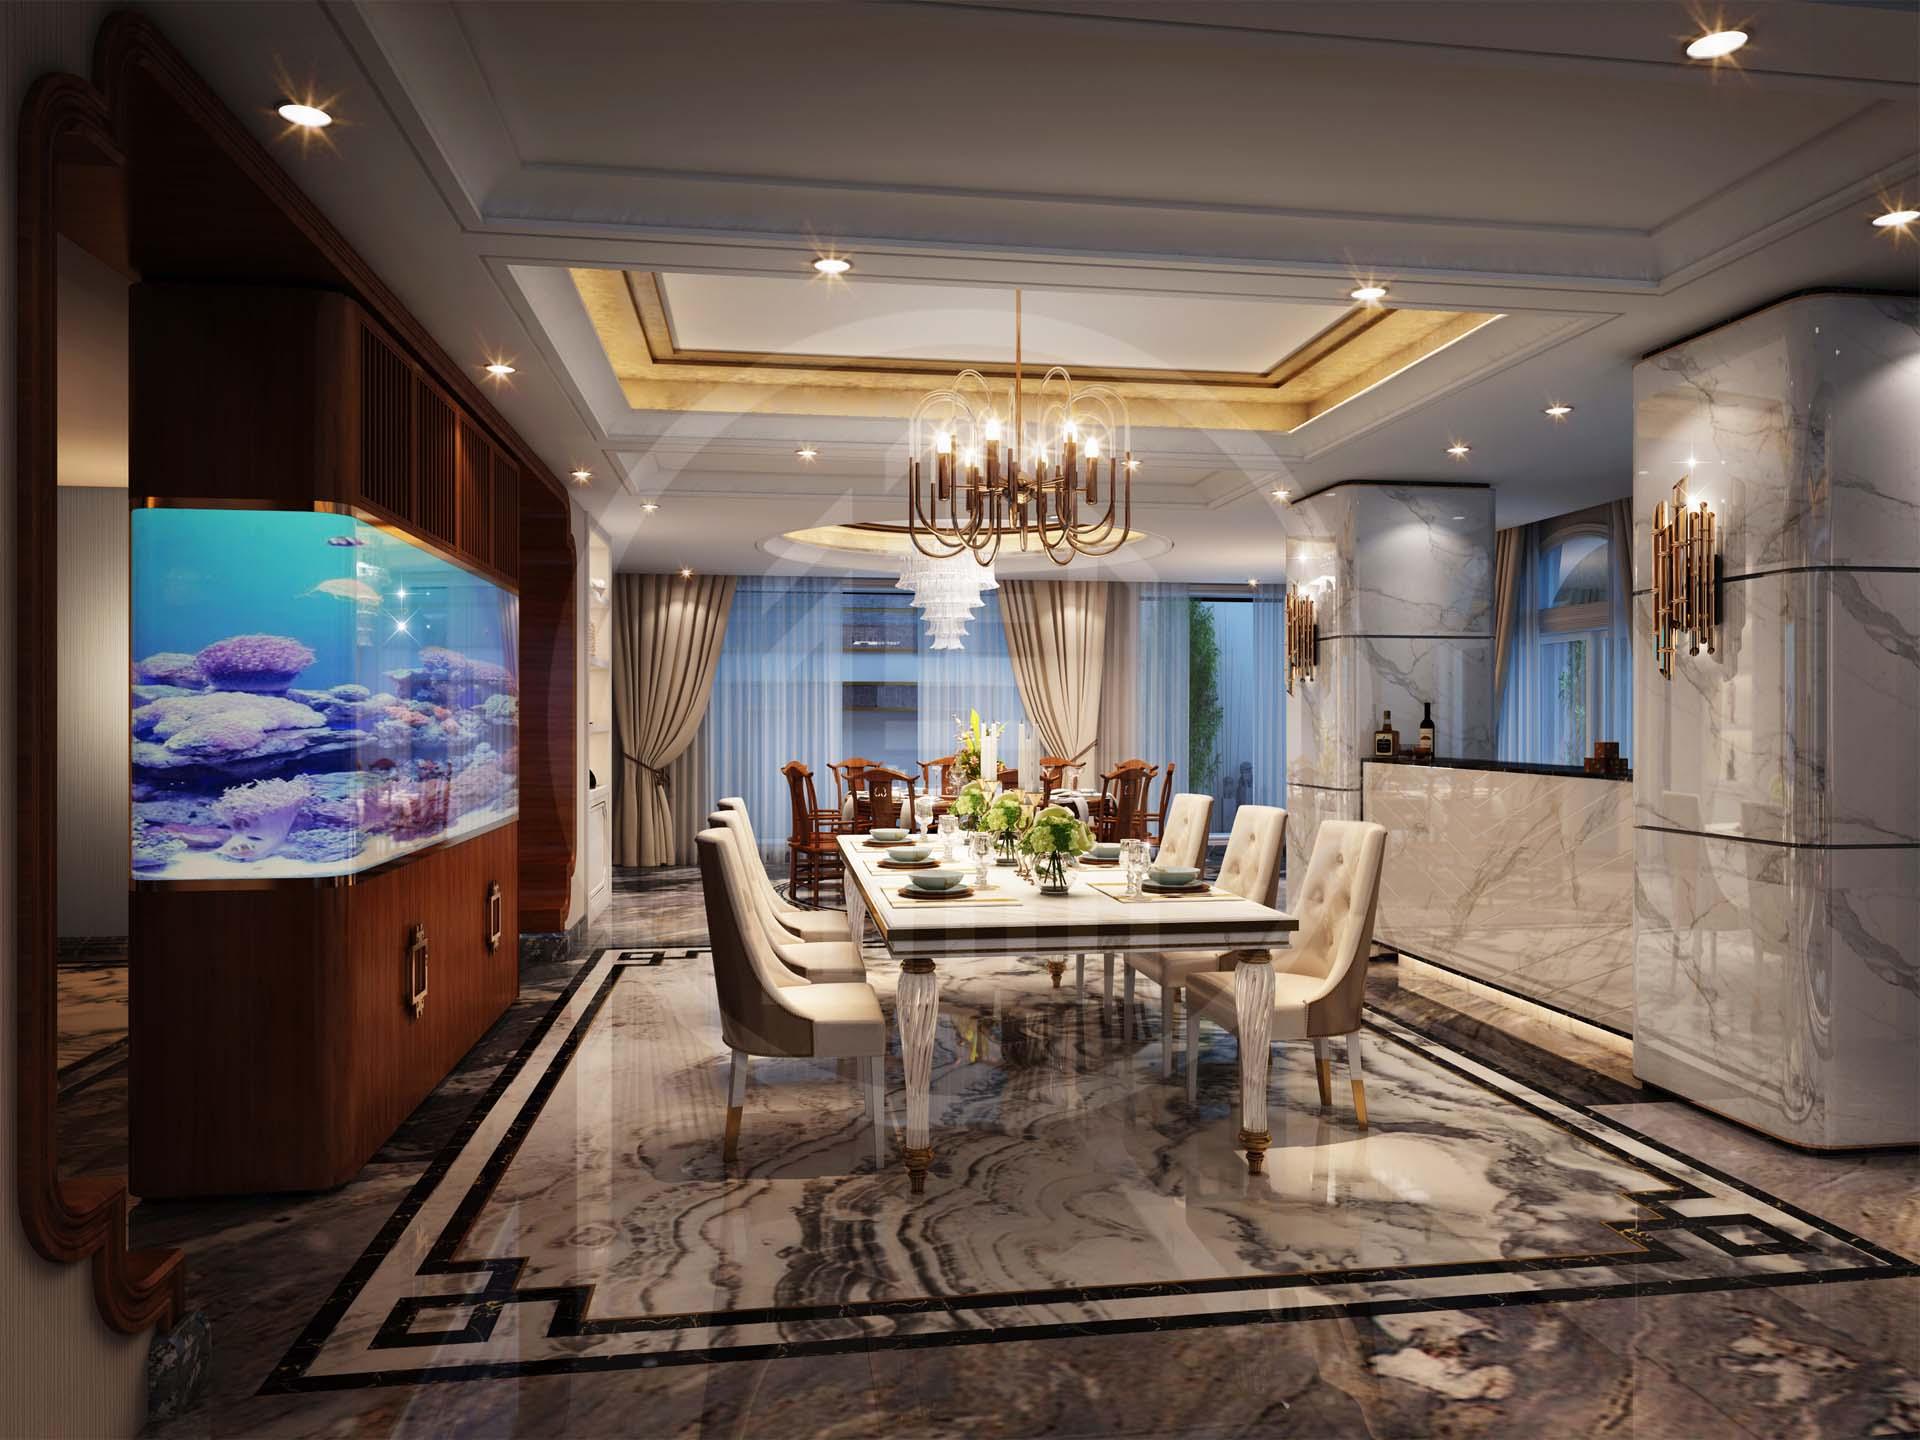 欧式别墅大厅怎么设计比较好看,有没有哪些比较好的装修想法可以和我探讨一下?-「御墅国际装饰」